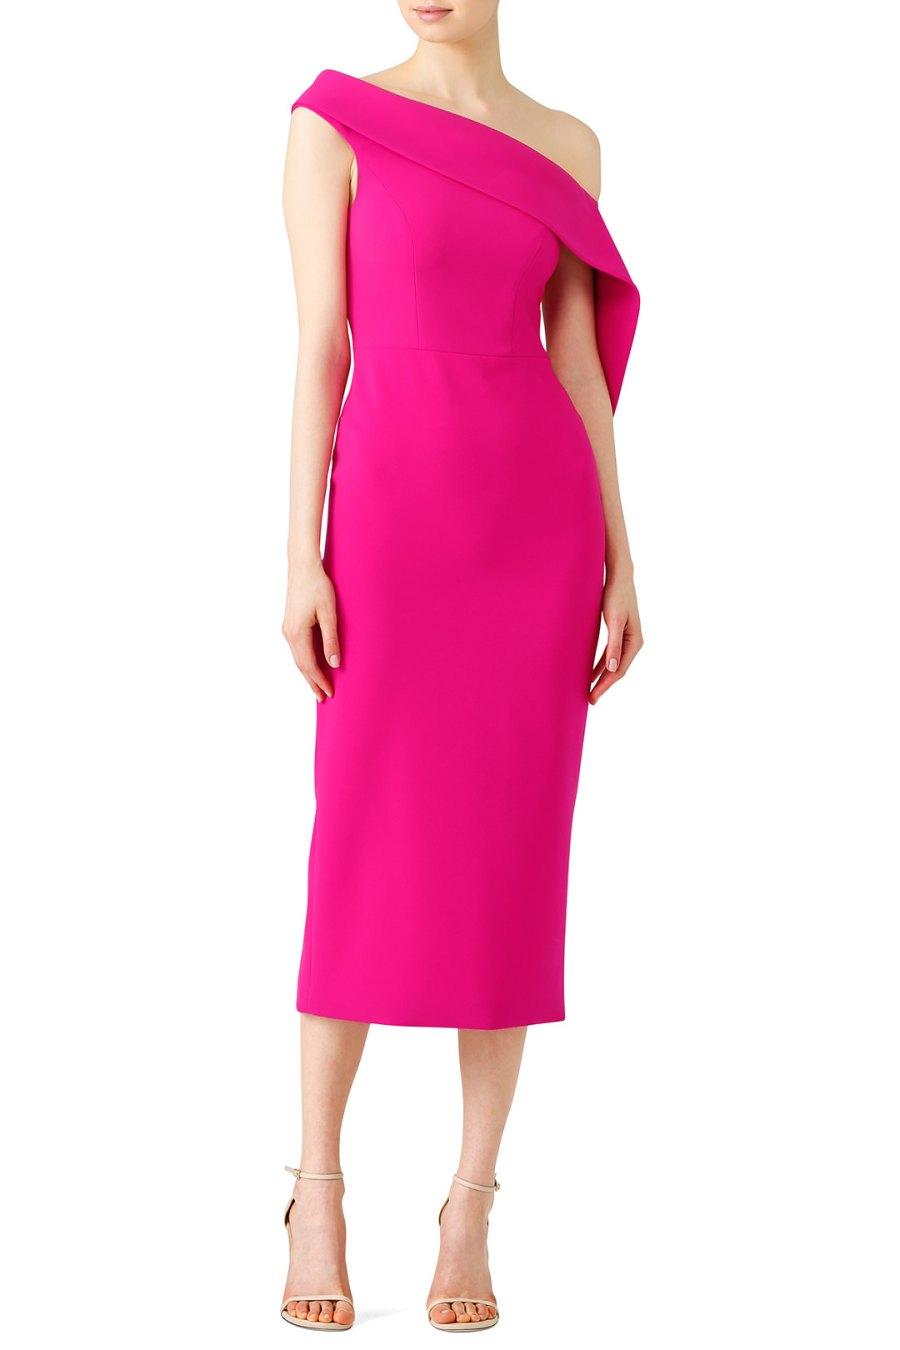 Rent the Runway Christian Siriano Dress